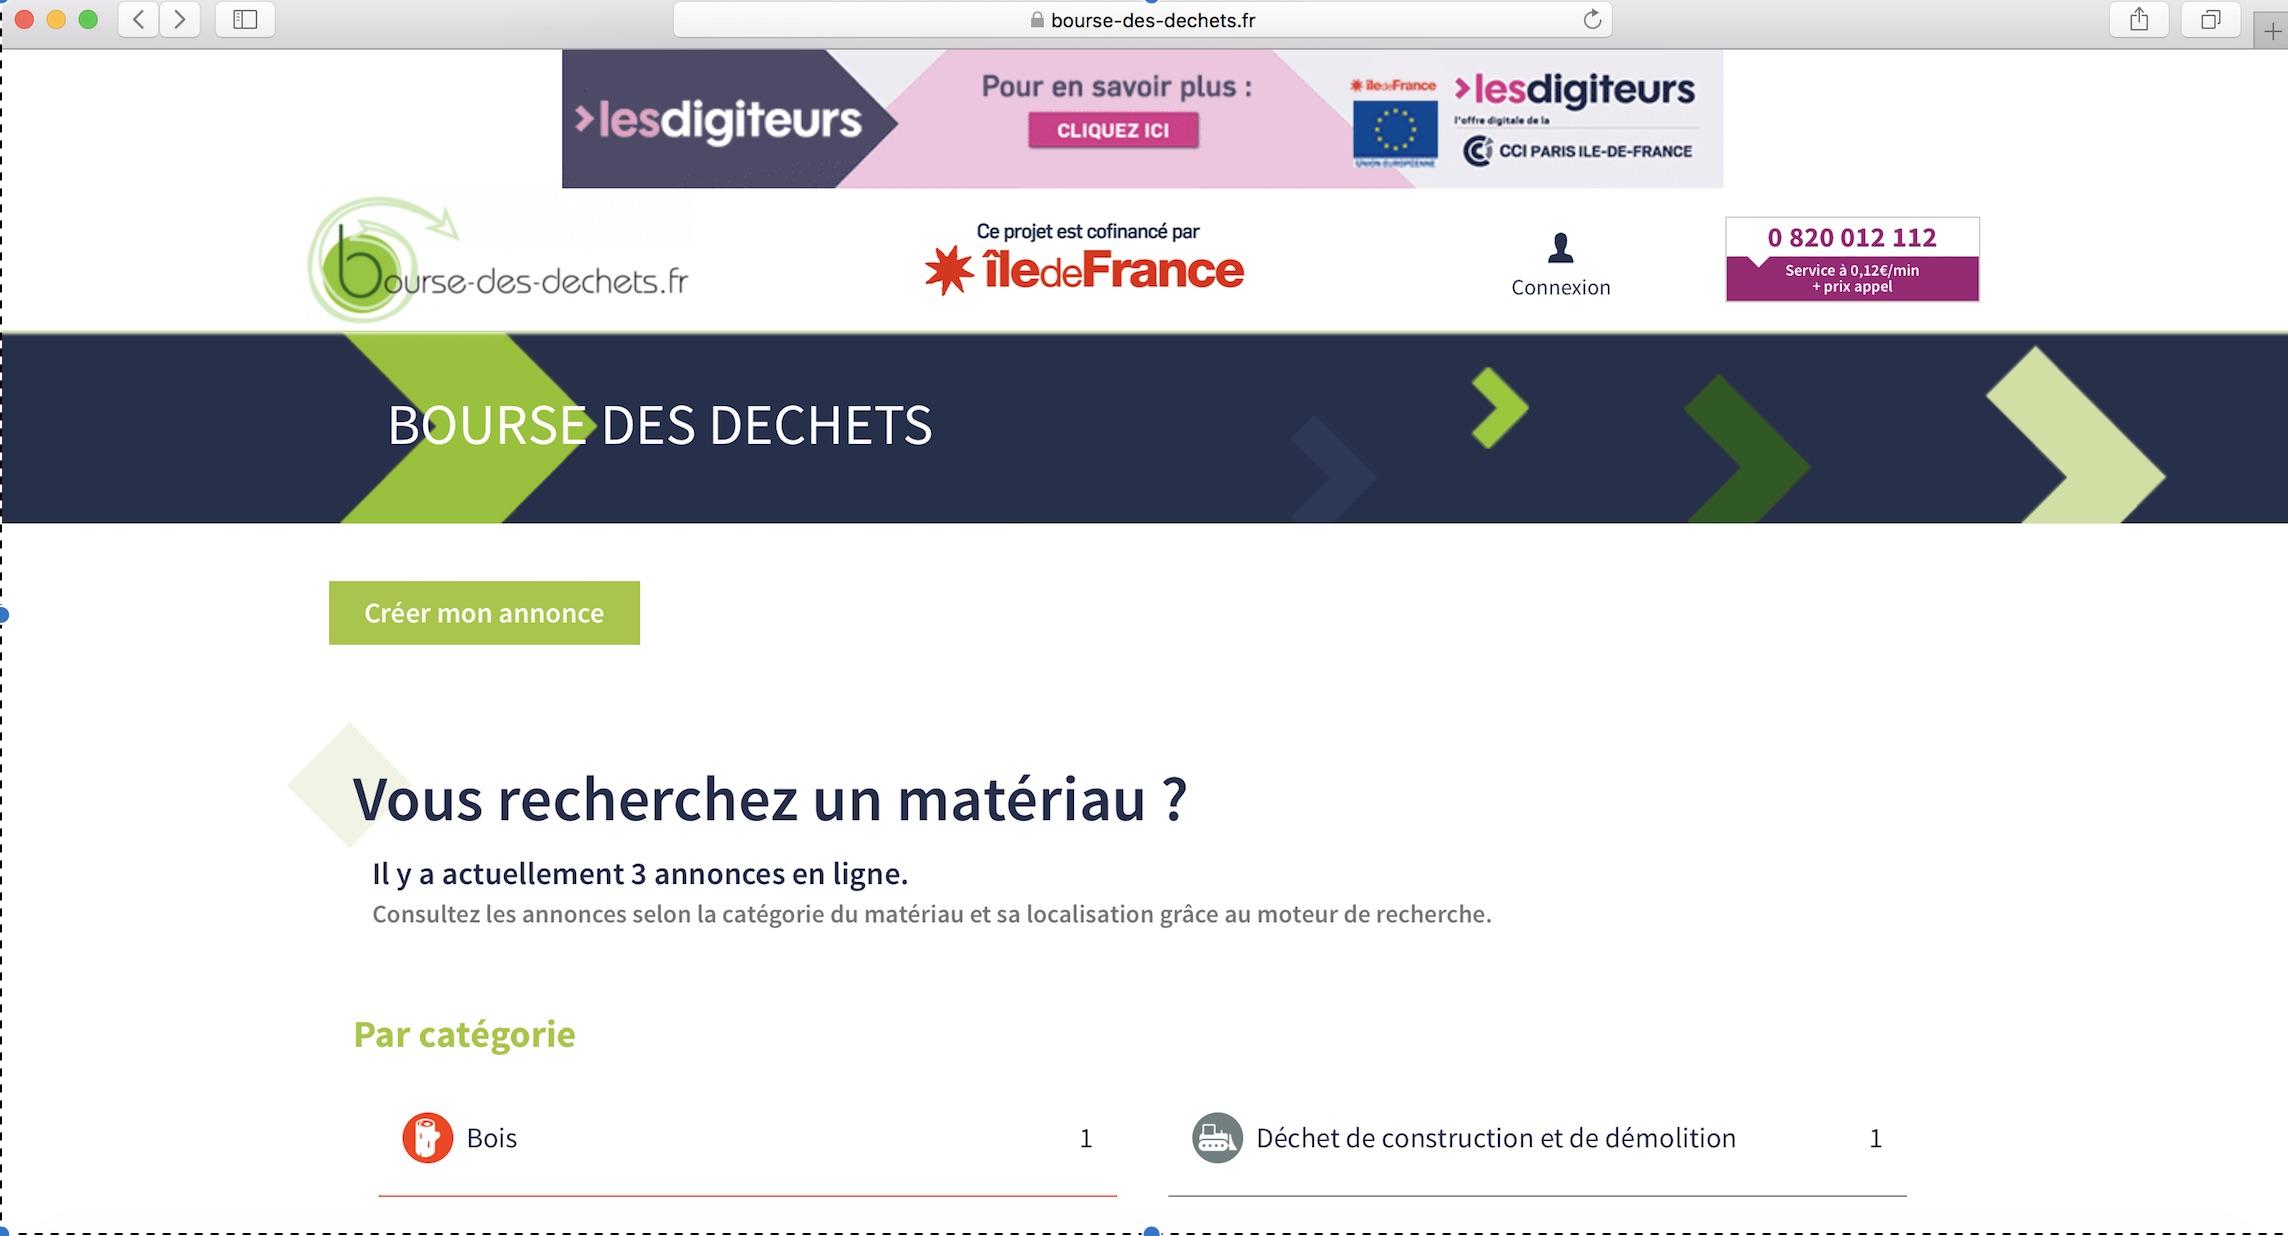 Une bourse des déchets ouverte aux acteurs privés et publics d'Ile-de-France